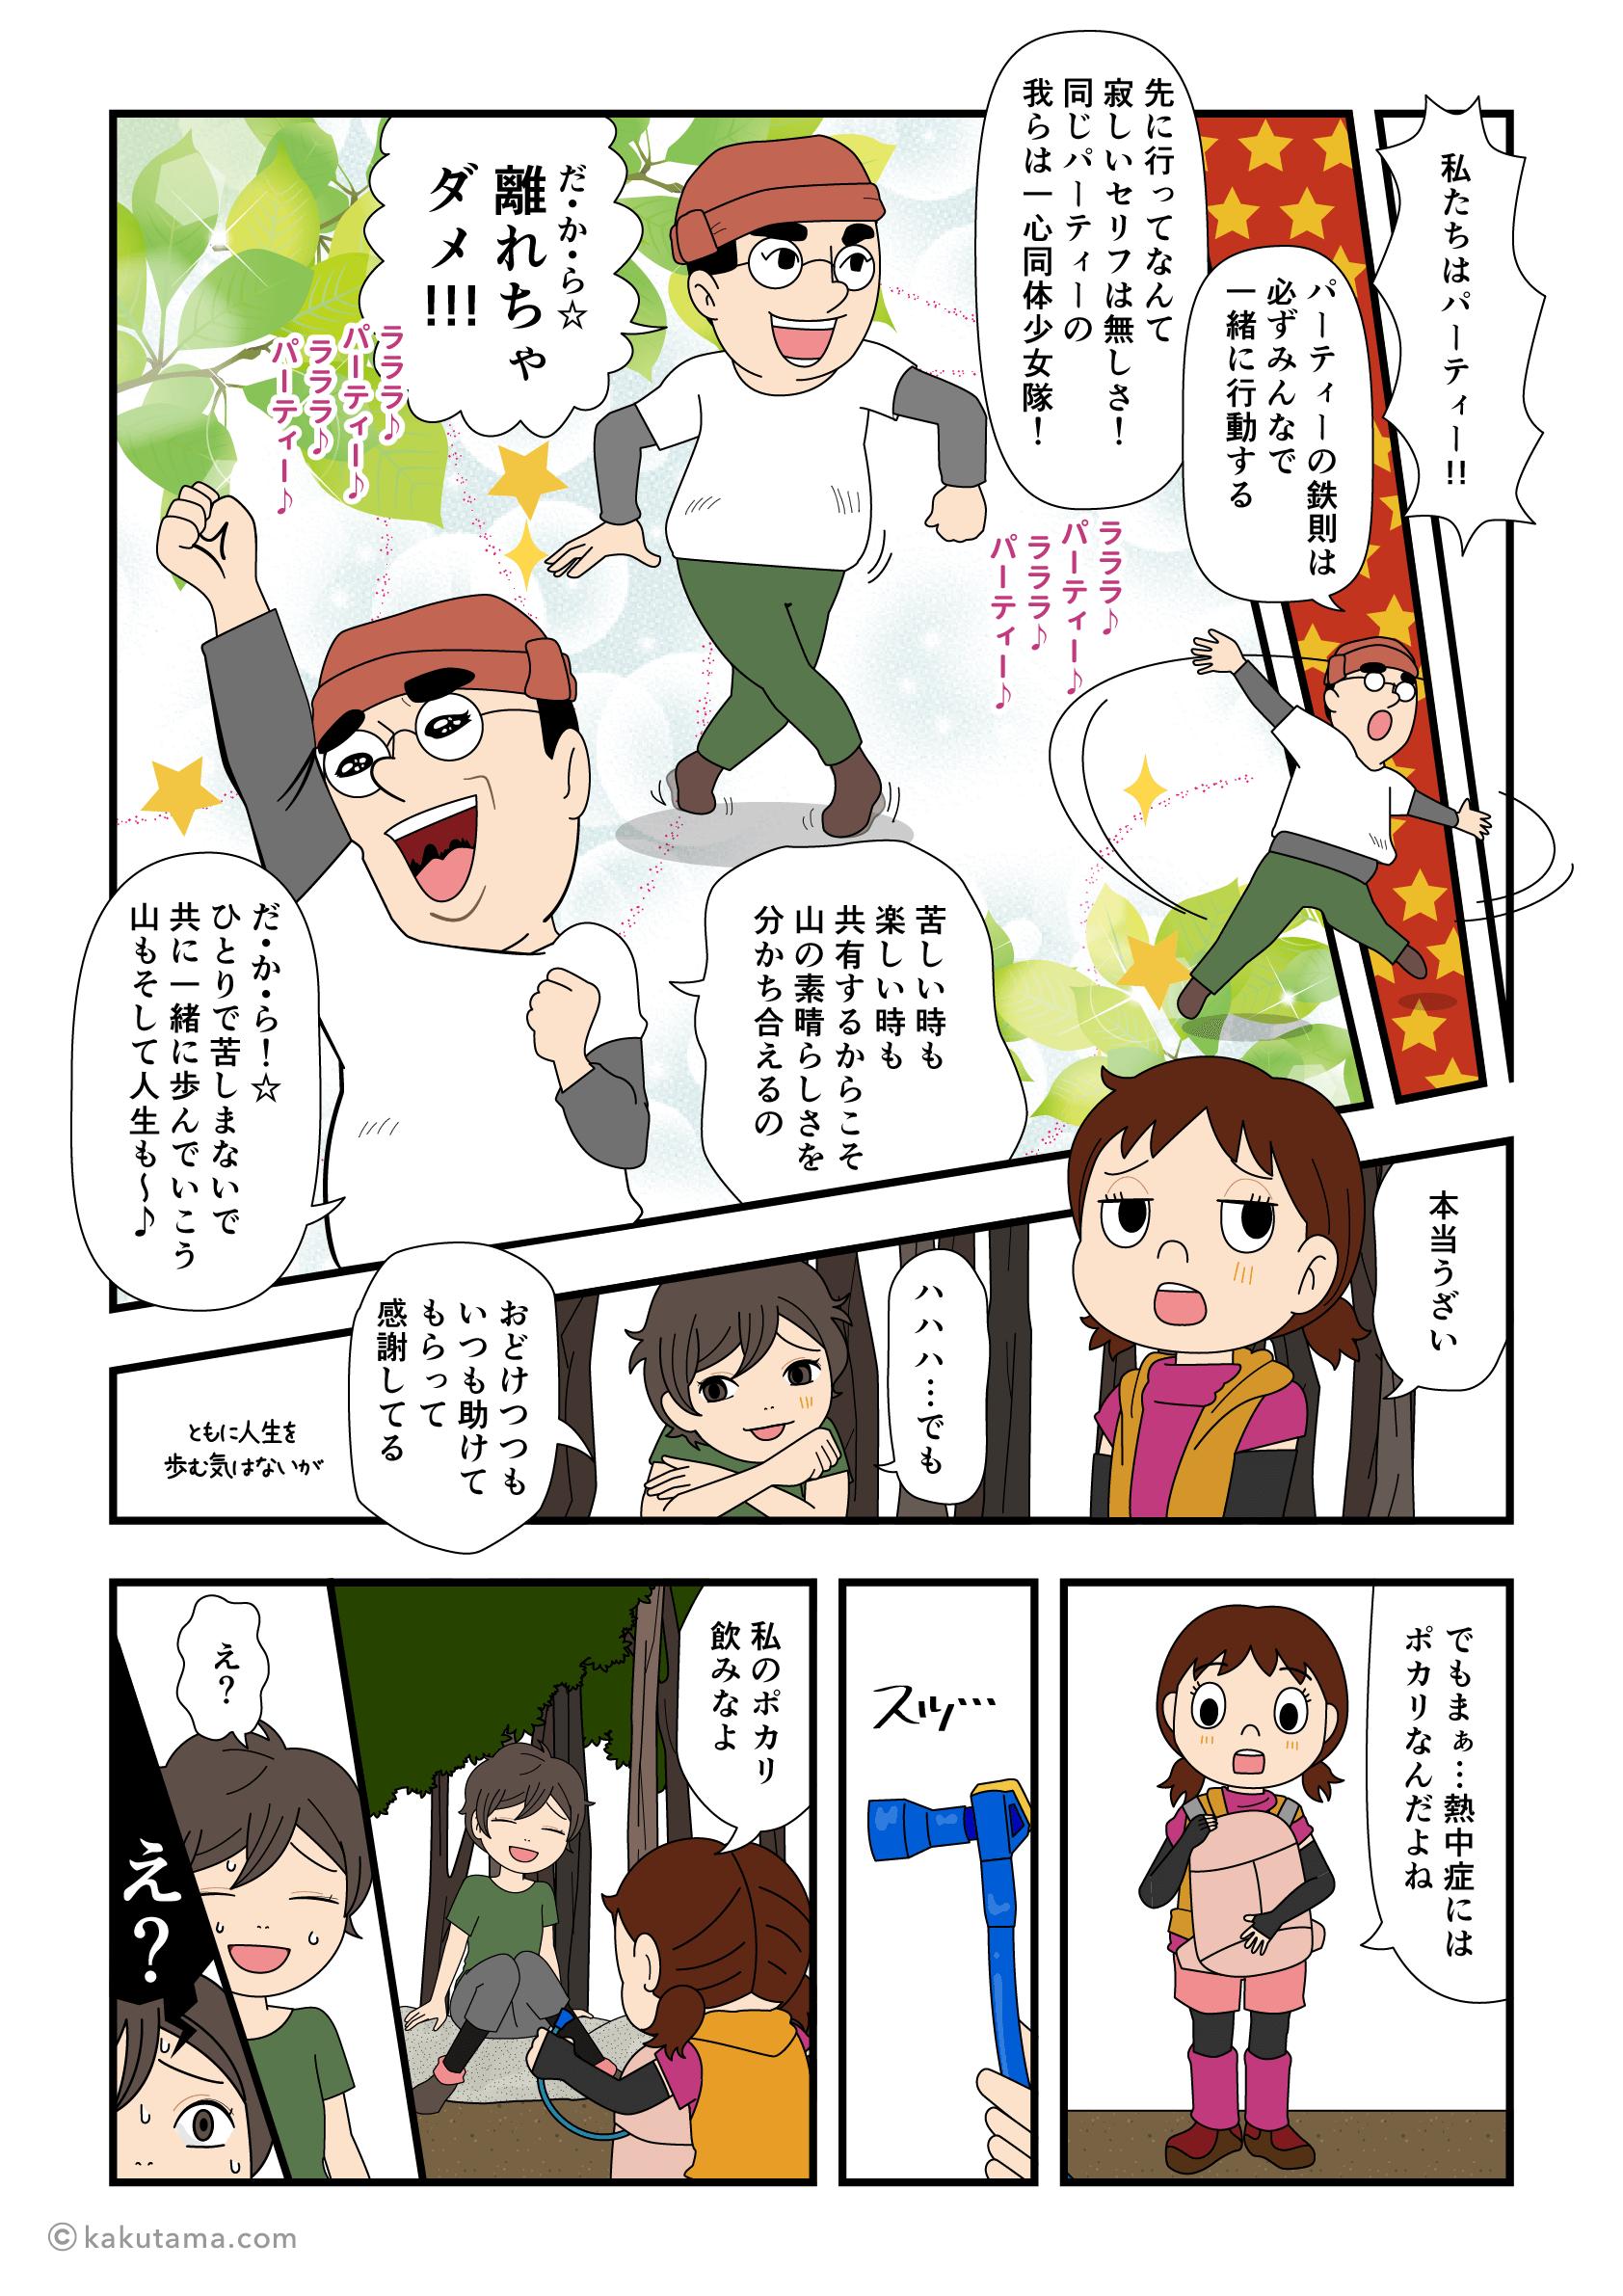 登山パーティーは助け合うと歌う登山者の漫画